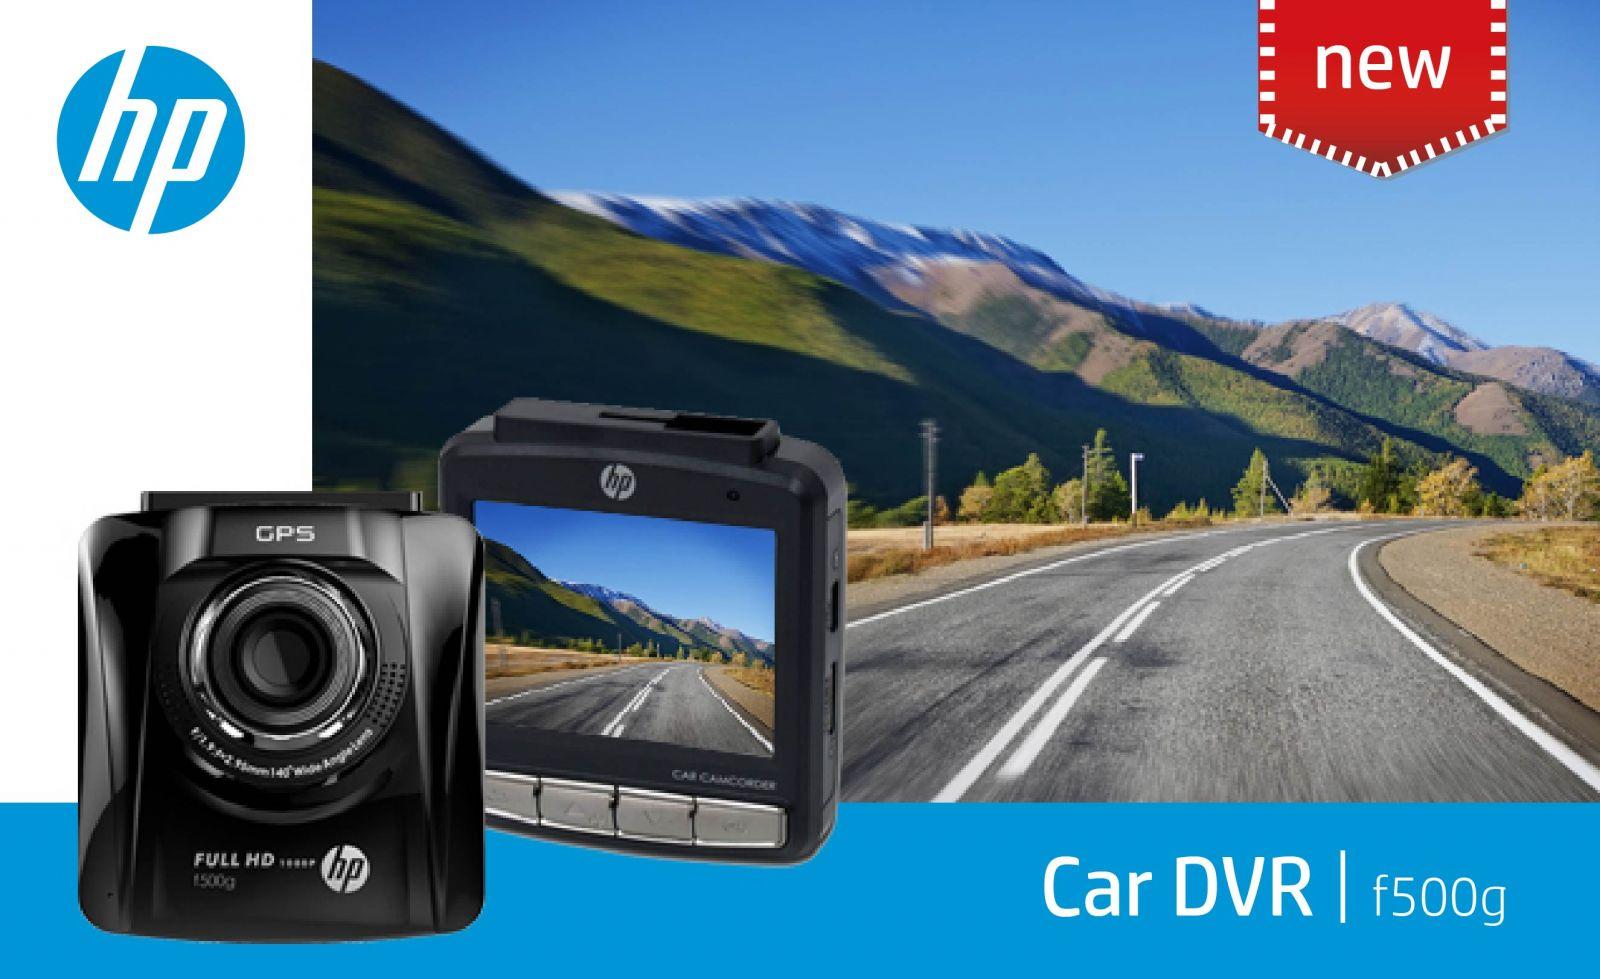 camera-hanh-trinh-hp-f500g